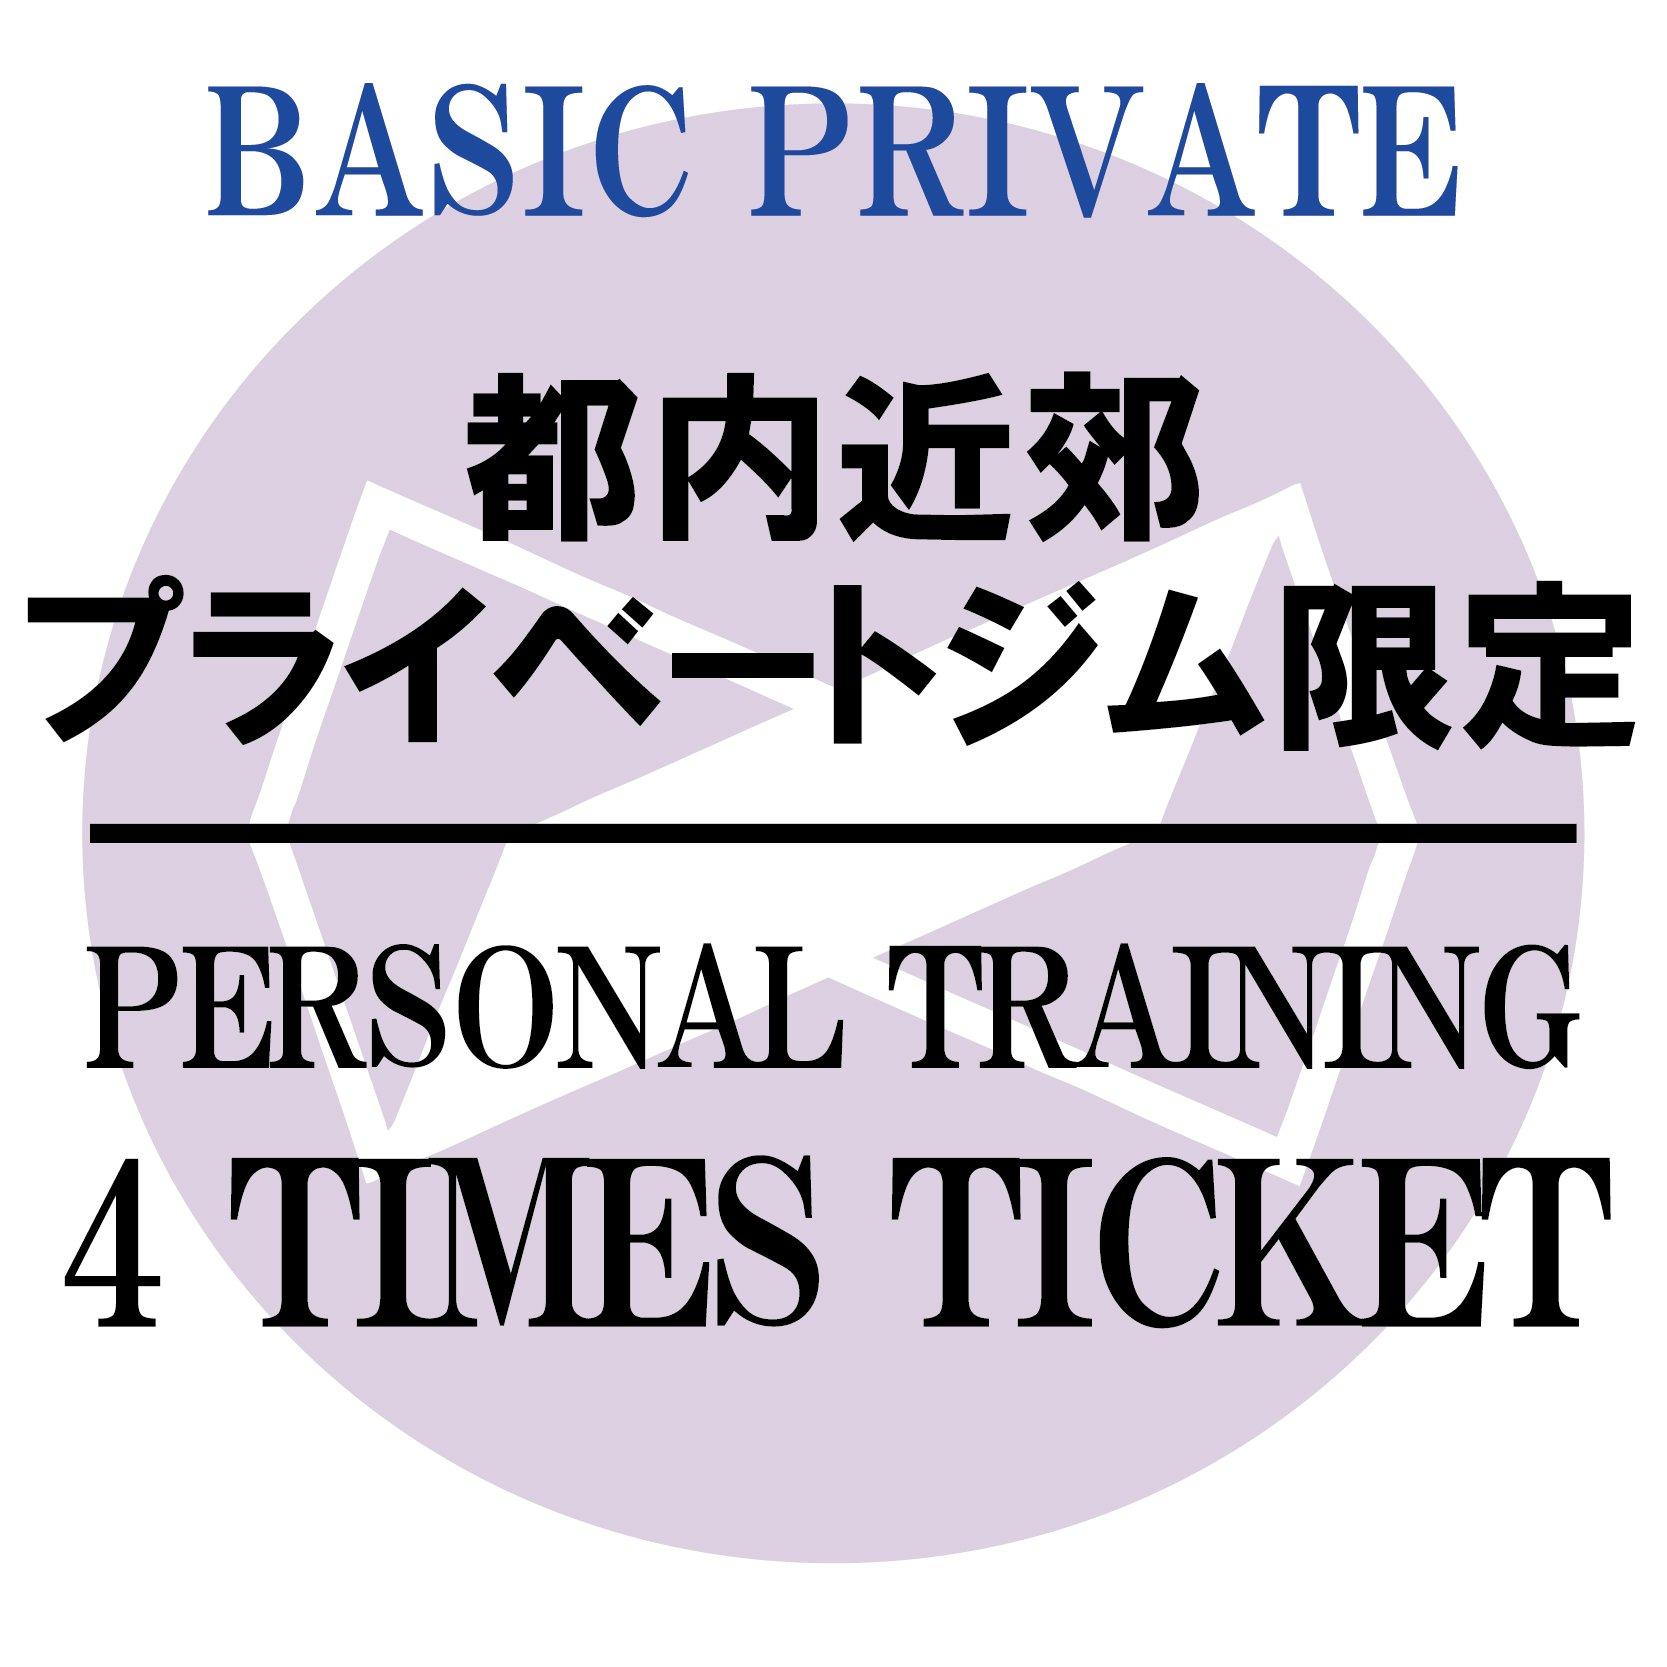 パーソナルトレーニング60分4回チケット〜PRIVATE BASIC〜[プライベートジム限定]のイメージその1